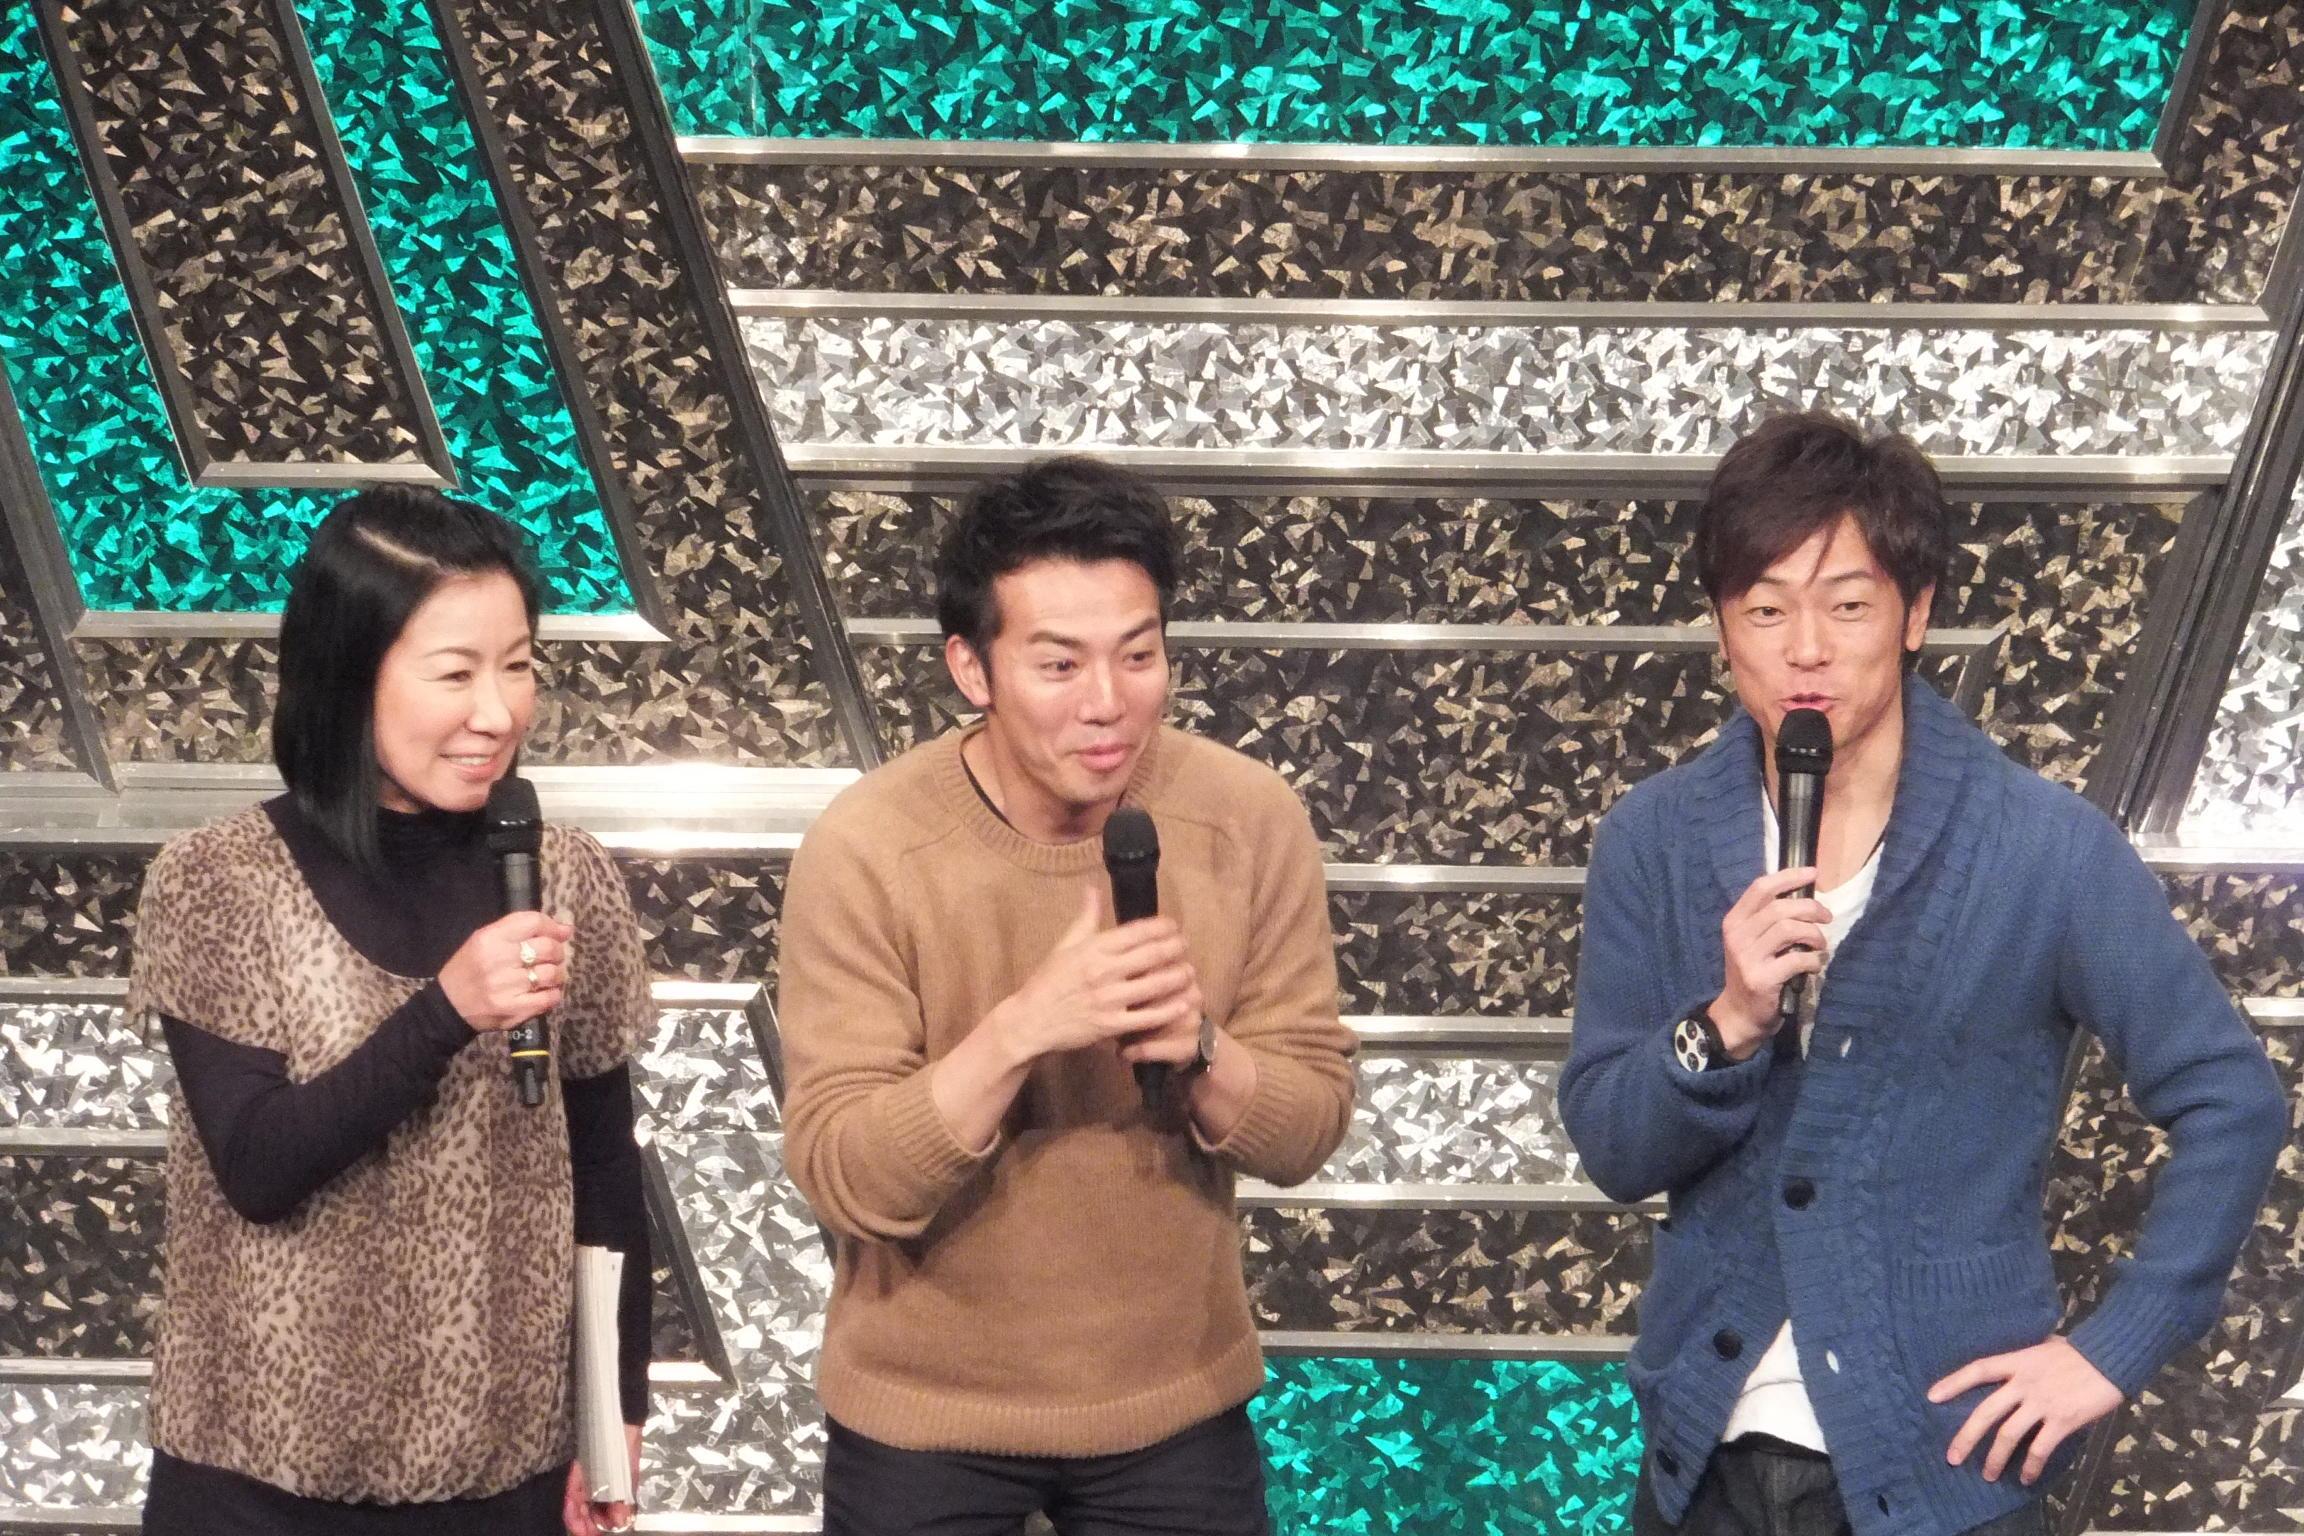 http://news.yoshimoto.co.jp/20160129150911-607e58866bf0d94ffdd37c92b385b113a50b6f90.jpg